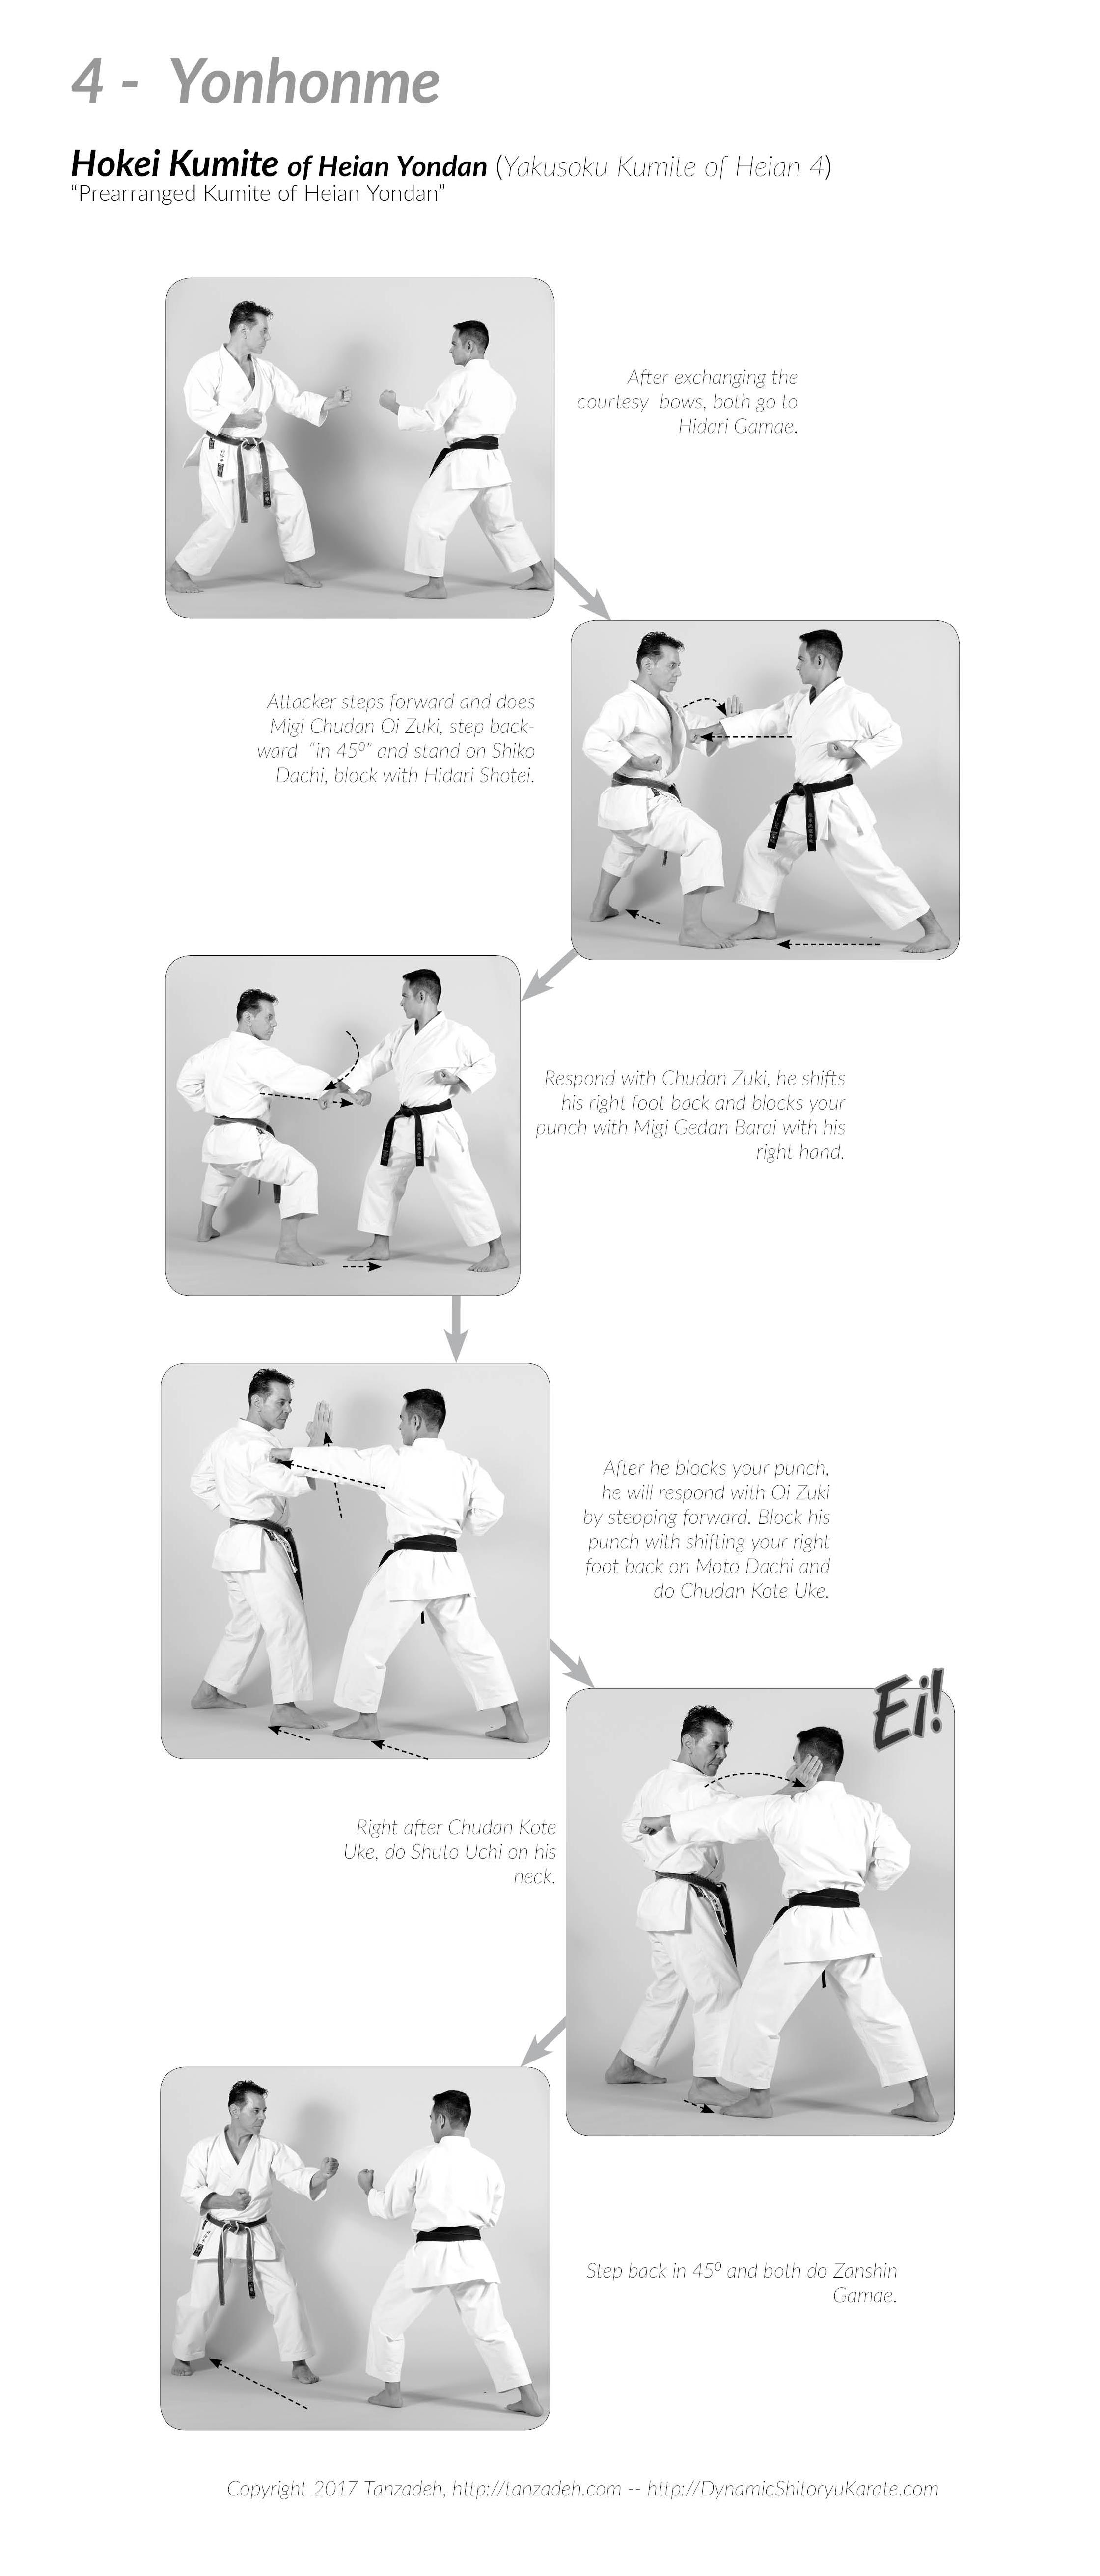 Tanzadeh Shitokai - Hokei-Kumite-Yonhonme